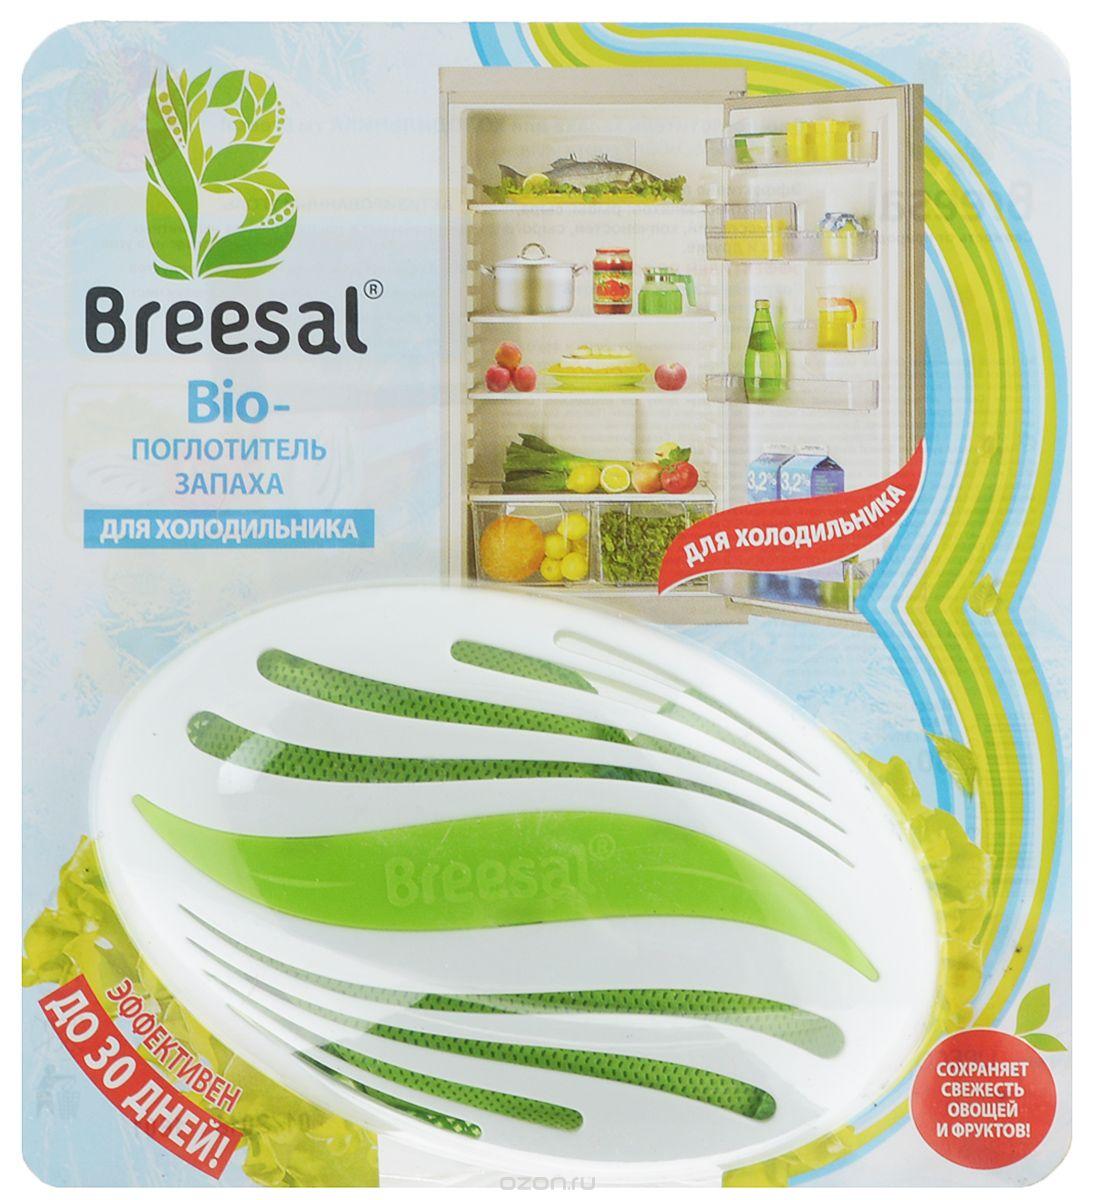 Био-поглотитель запаха для холодильника Breesal, 80 гVT-1520(SR)Био-поглотитель запаха для холодильника Breesal на основе особого сорта угляэффективно поглощает все виды неприятных запахов: рыбы,сыра, лука, солений, копченостей, сырого мяса и другие. Эффективен до 30 дней. Сохраняетсвежесть овощей и фруктов за счет абсорбции влагии этилена.Поглотитель запаха изготовлен на основе активированного угля, который поглощает в 3 разабольше неприятных запахов и влаги, в отличие отдревесного, сохраняет идеальную свежесть продуктов, абсолютно безопасен и экологическичист.Прибор удобен в использовании. Для размещения в холодильнике можно использоватьклипсу или двухсторонний скотч. Корпус выполнен изпластика.Состав: активированный уголь.Размер поглотителя: 12,5 см х 8 см х 5 см.